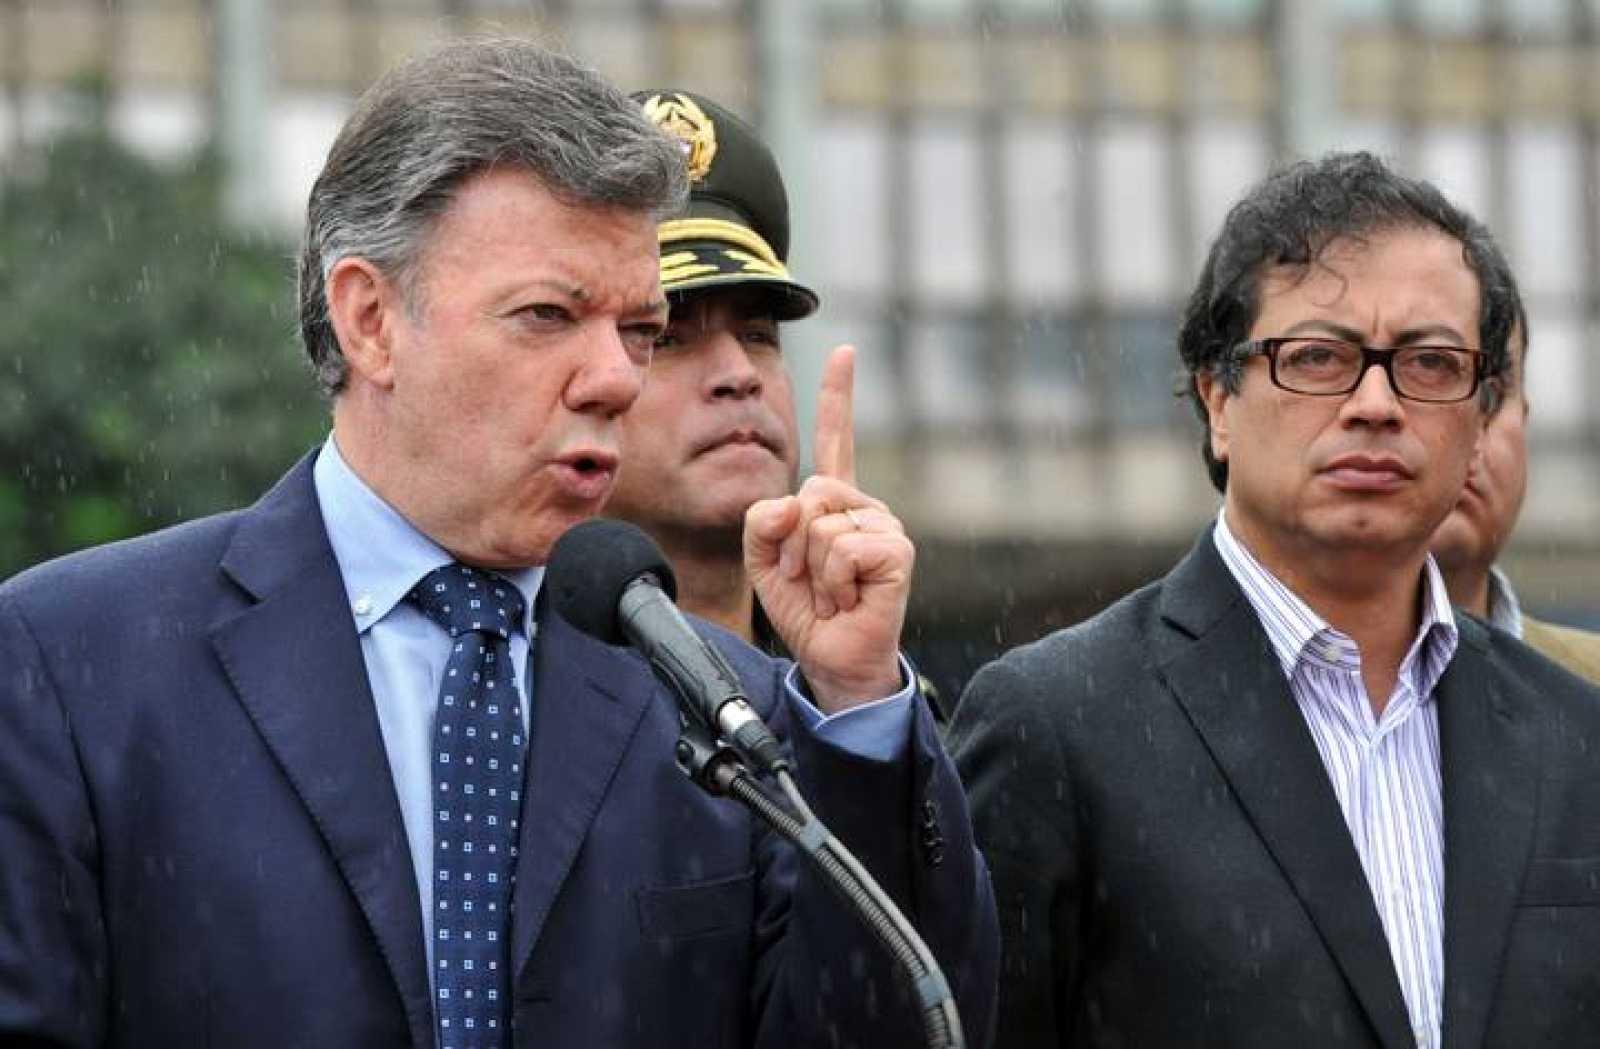 El presidente colombiano restituye a Gustavo Petro como alcalde de Bogotá -  RTVE.es